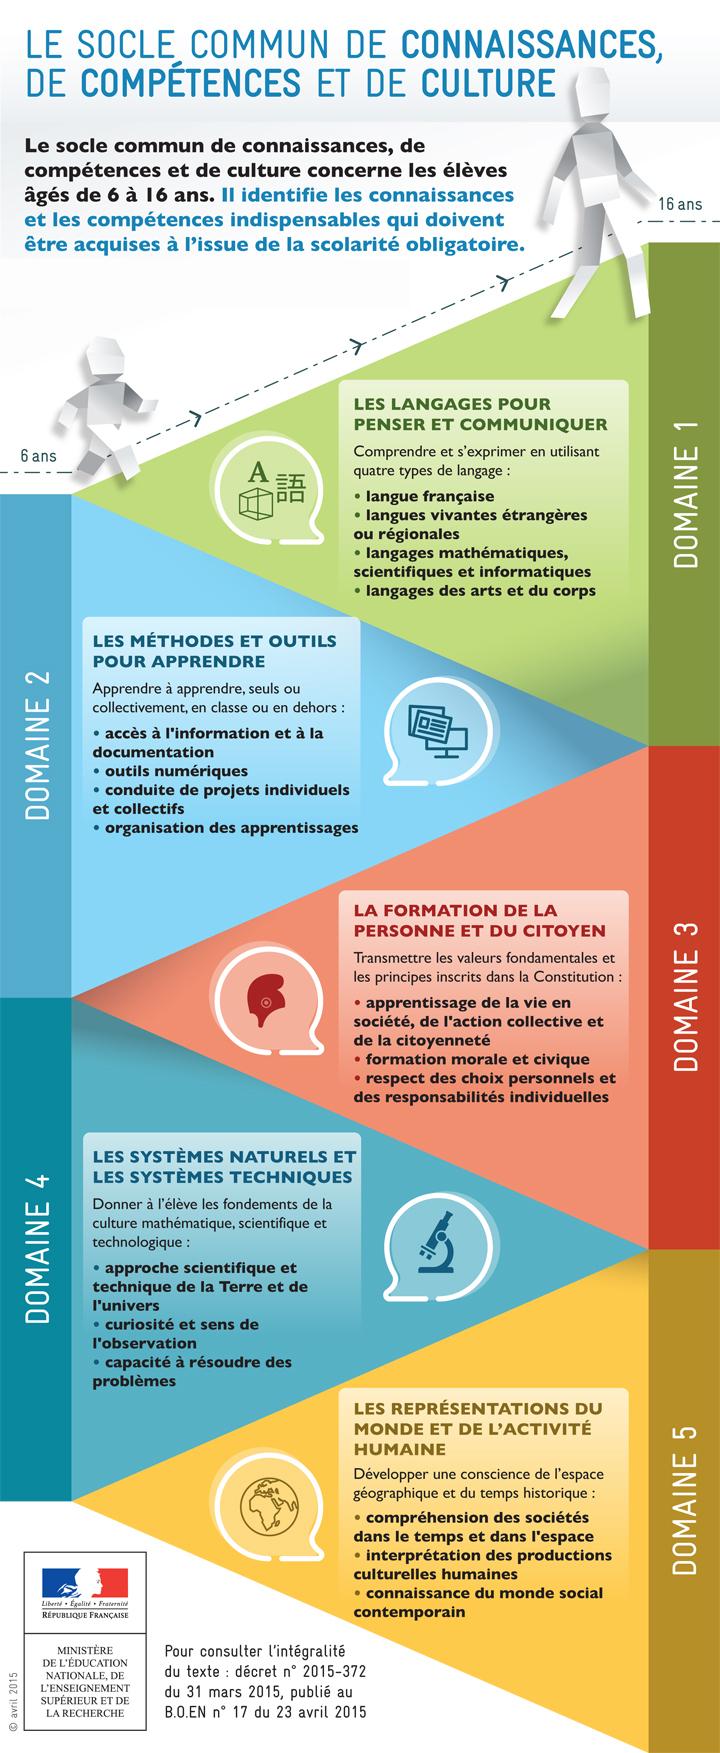 INFOGRAPHIE - LE SOCLE COMMUN DE CONNAISSANCES, DE COMPÉTENCES ET DE CULTURE